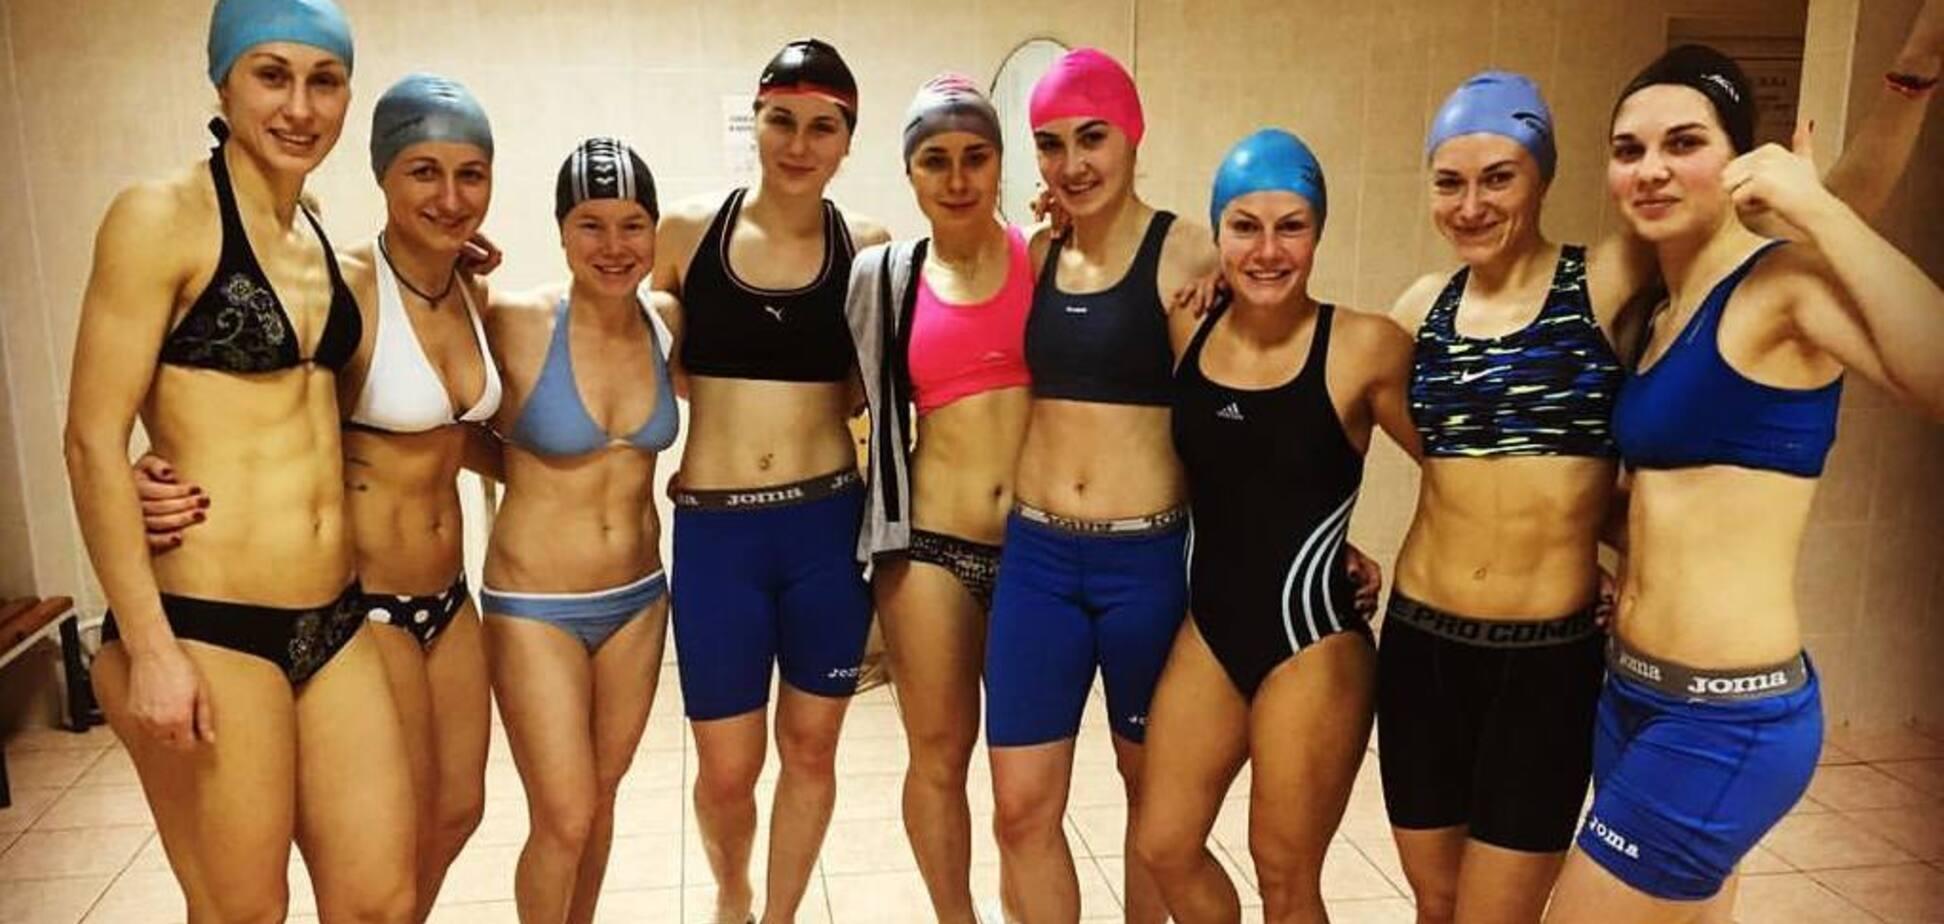 Игрок сборной Украины рассказала о лесбиянках в командах